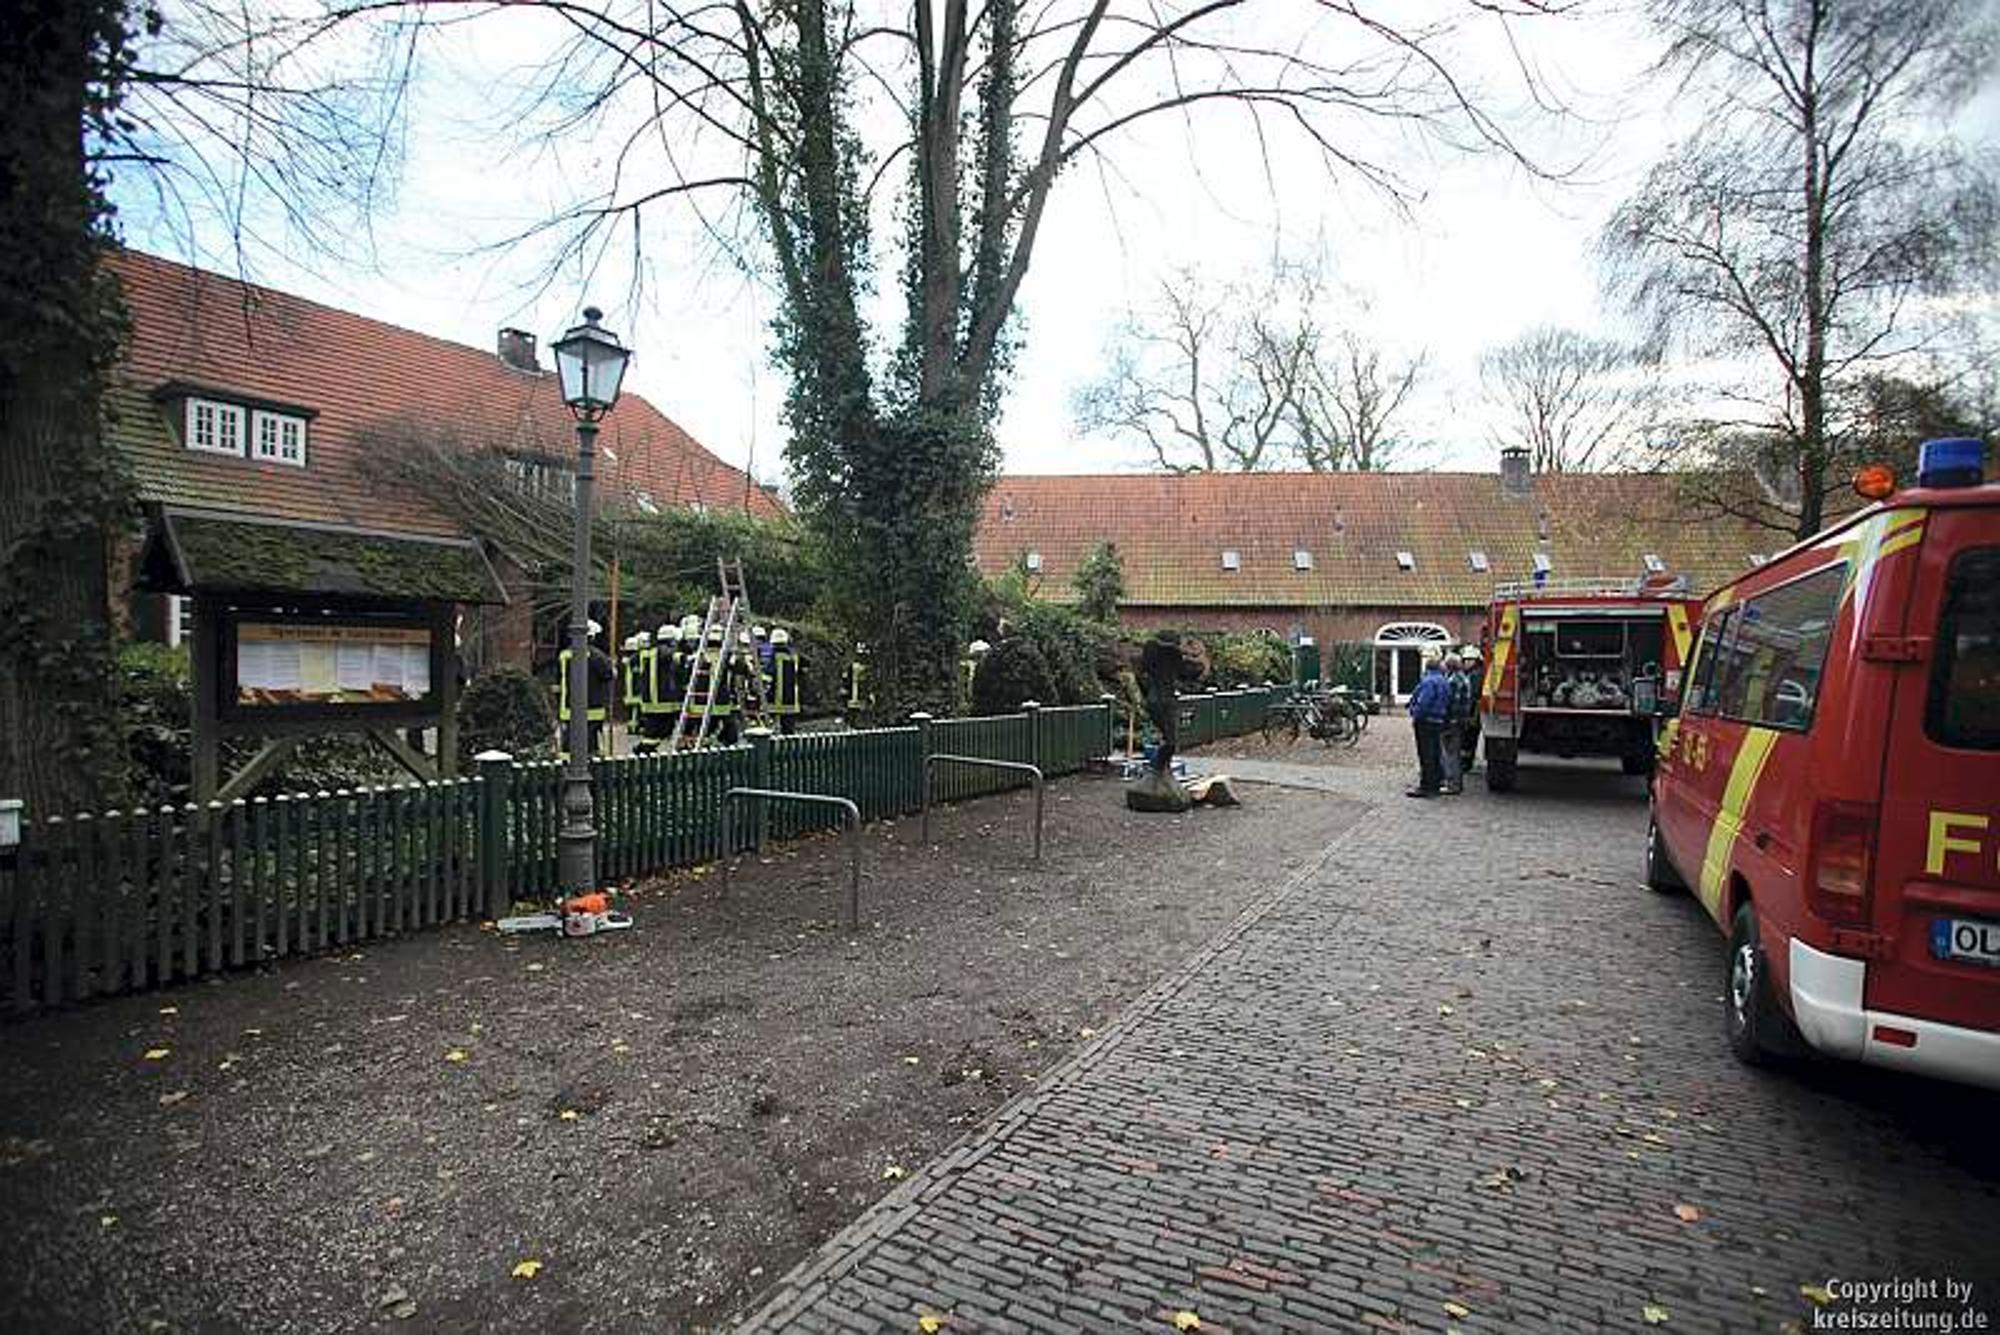 Sturm in Niedersachsen: Linde stürzt um und beschädigt Klosterruine ...